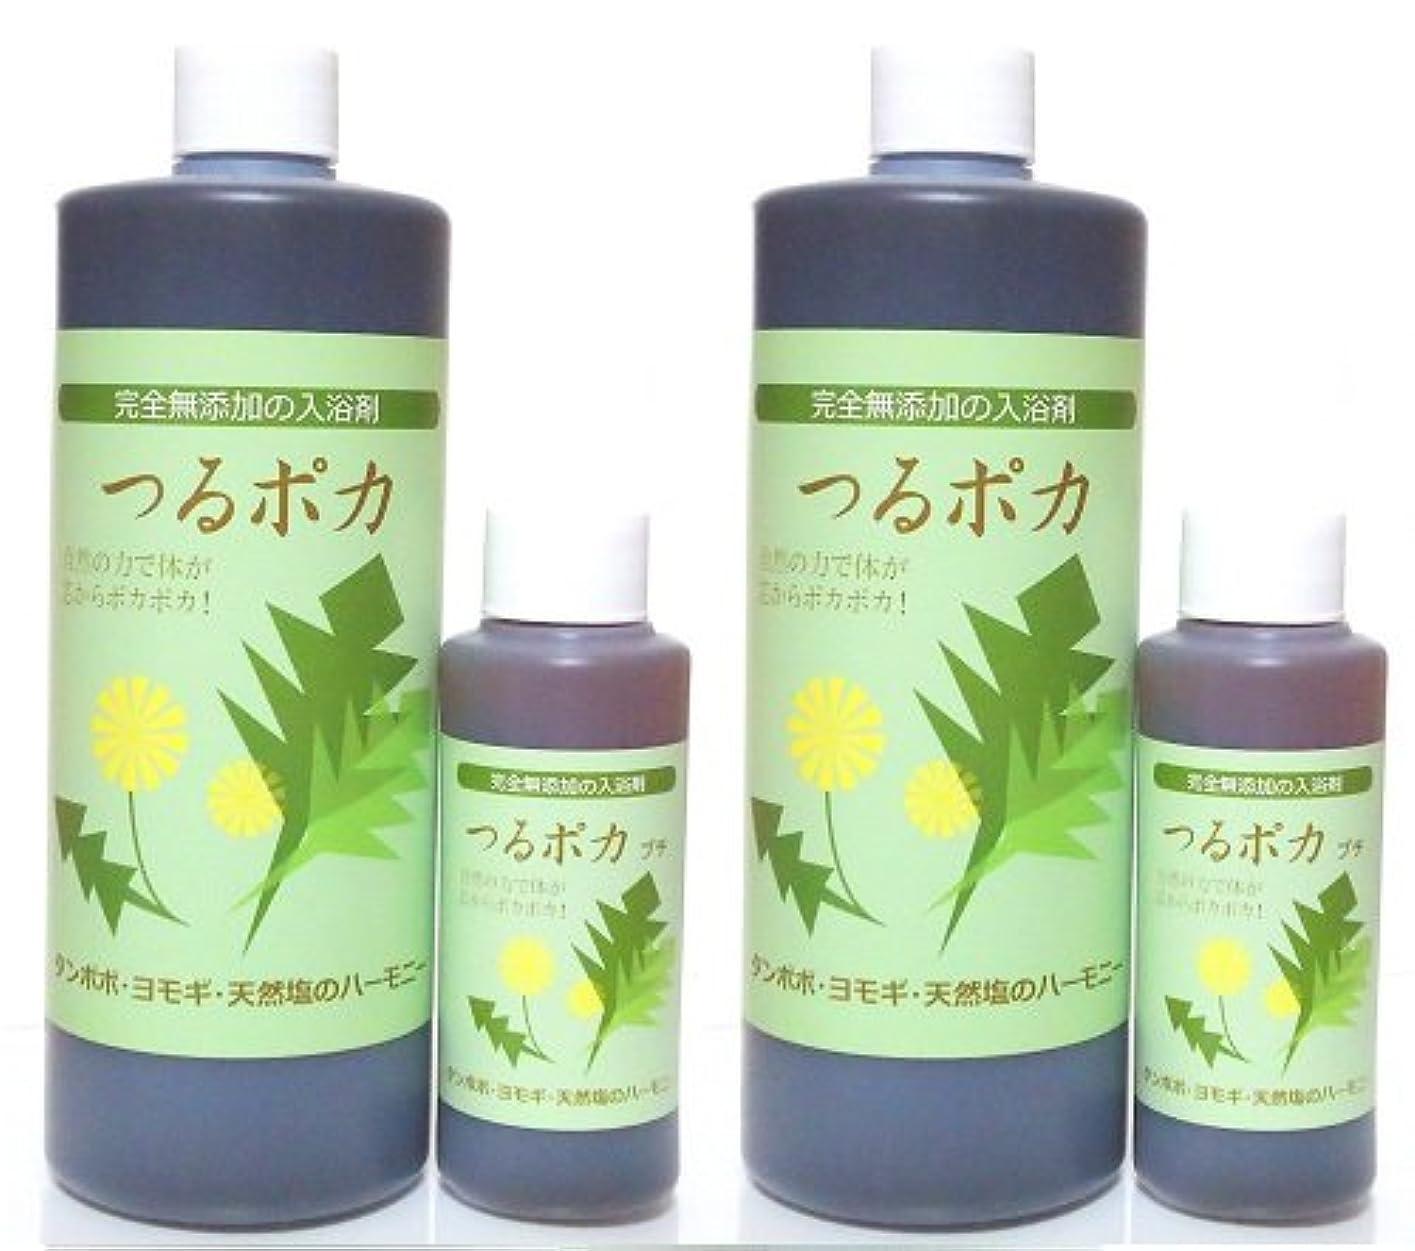 変化する展示会くちばしつるポカ入浴剤アーデンモアばんのう酵母くん姉妹品2本セットおまけ付き